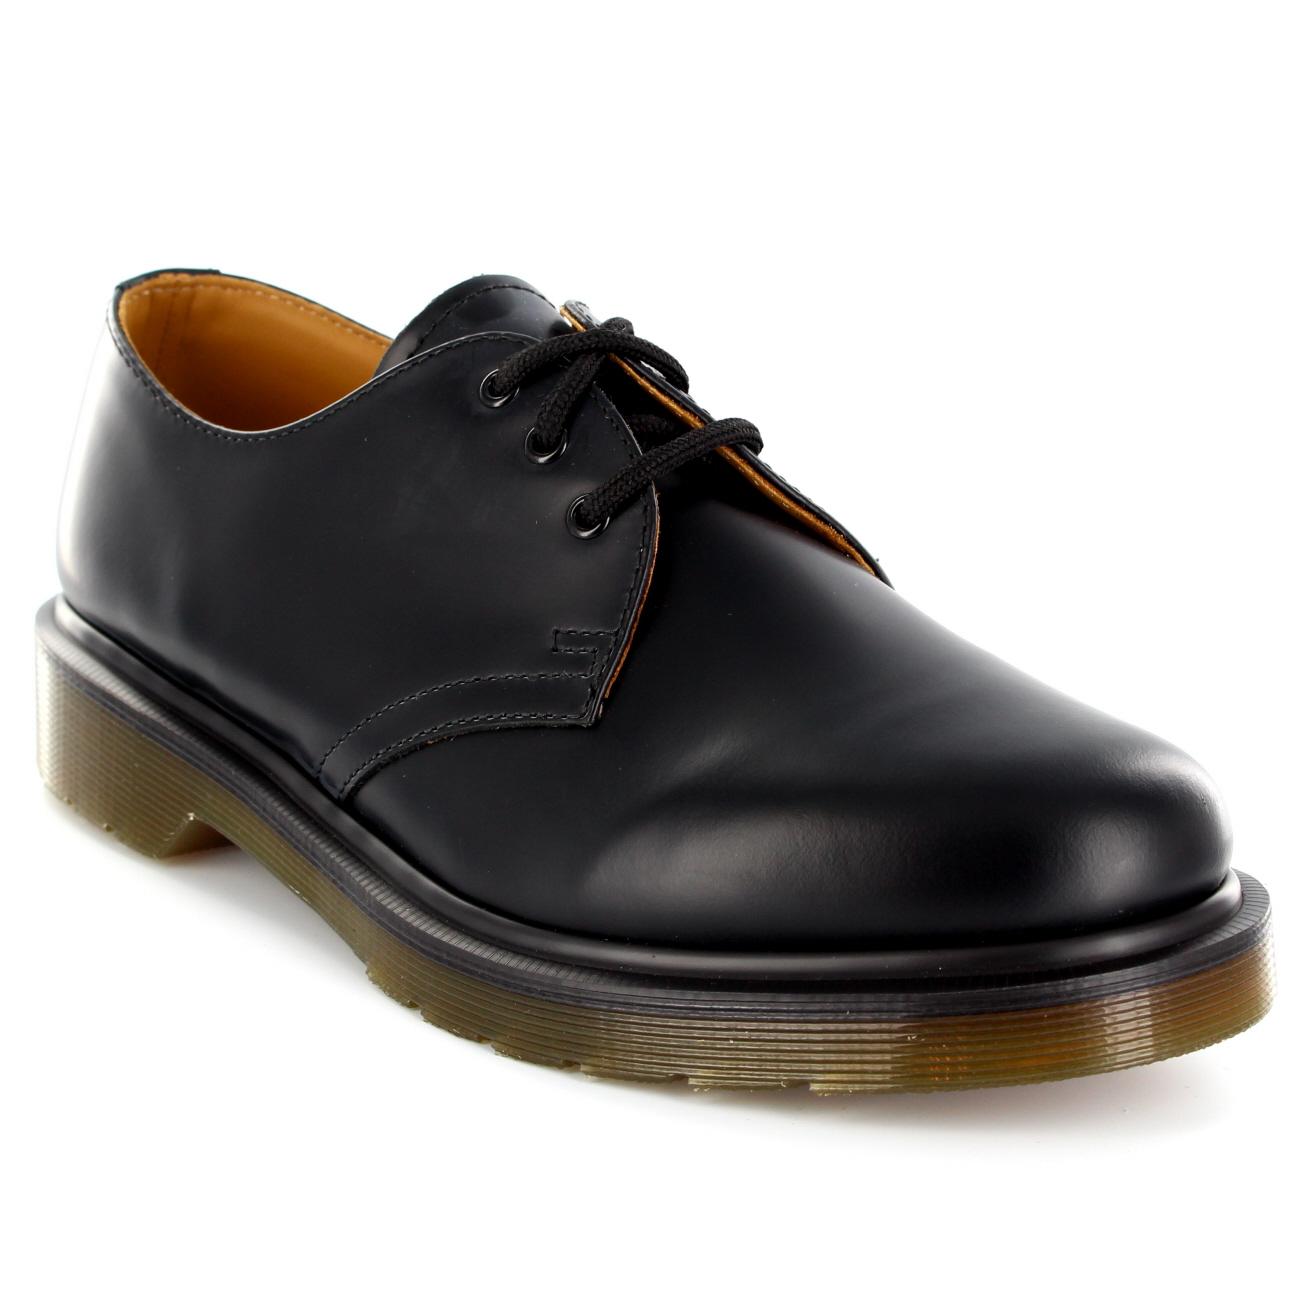 Dr Martens 1461 59 Shoes